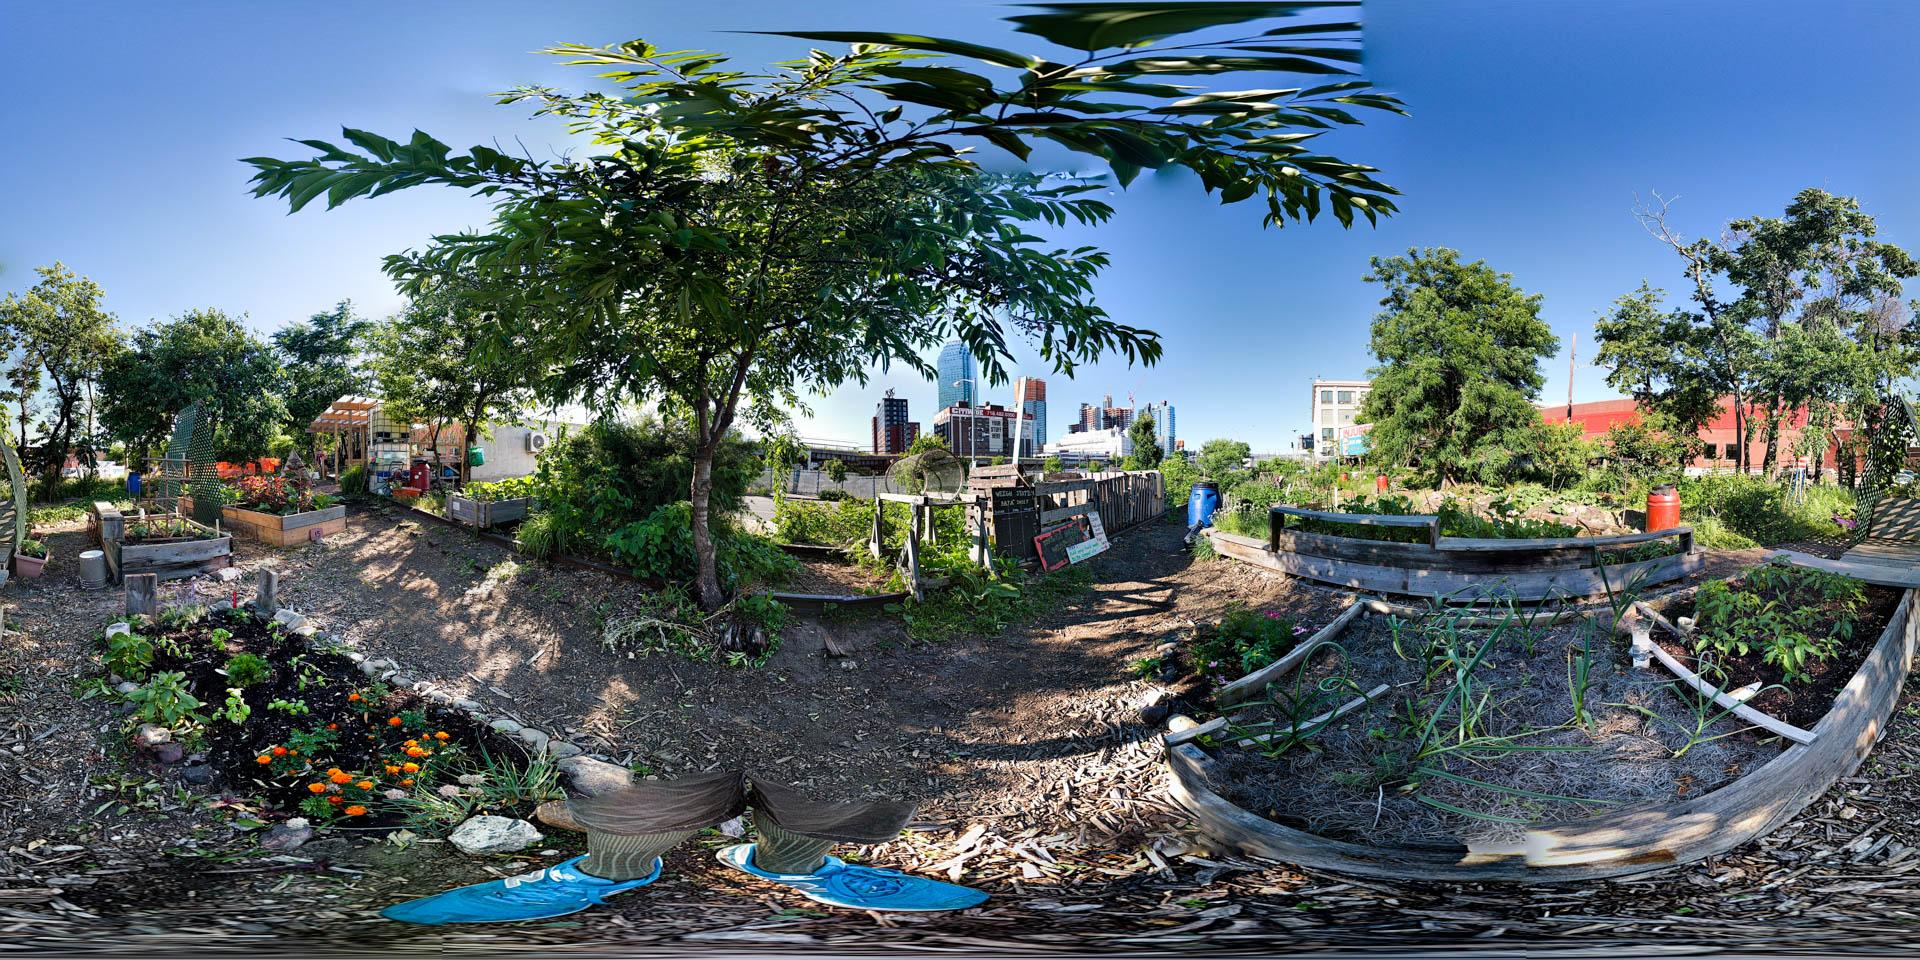 on Google+ this is a 3D-viewable landscape